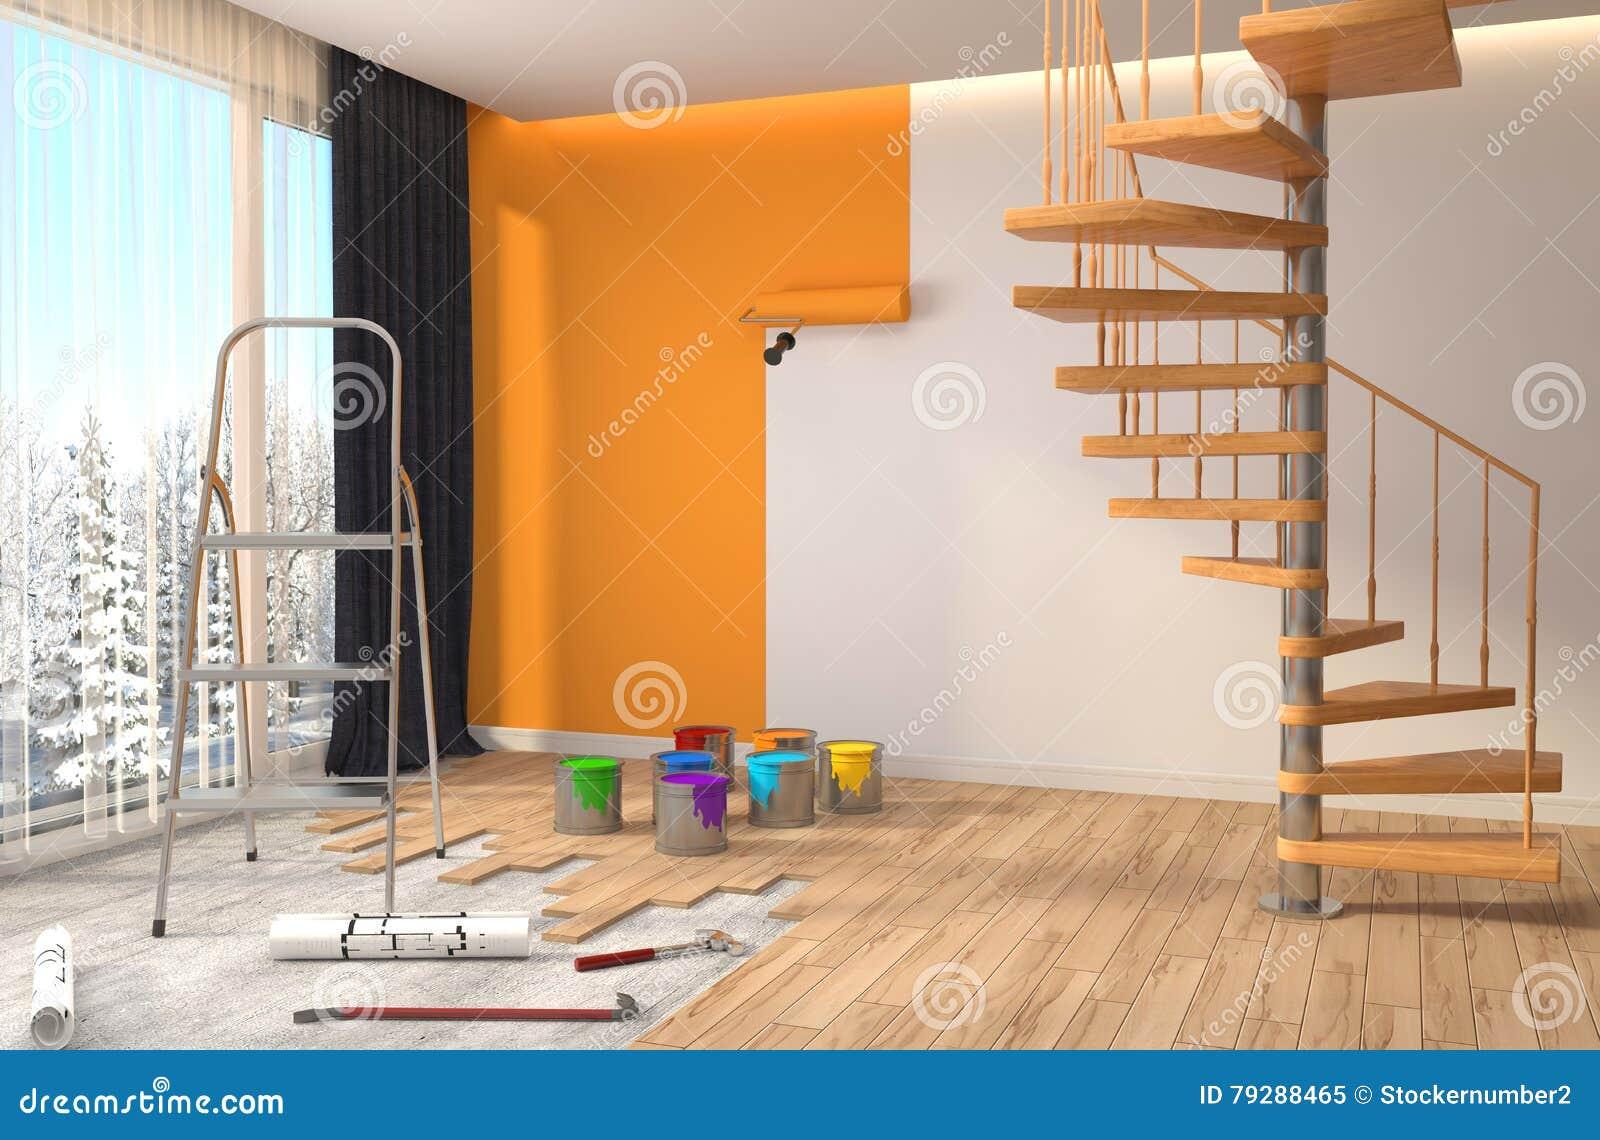 Reparo E Pintura Das Paredes Na Sala Ilustração 3d Ilustração Stock